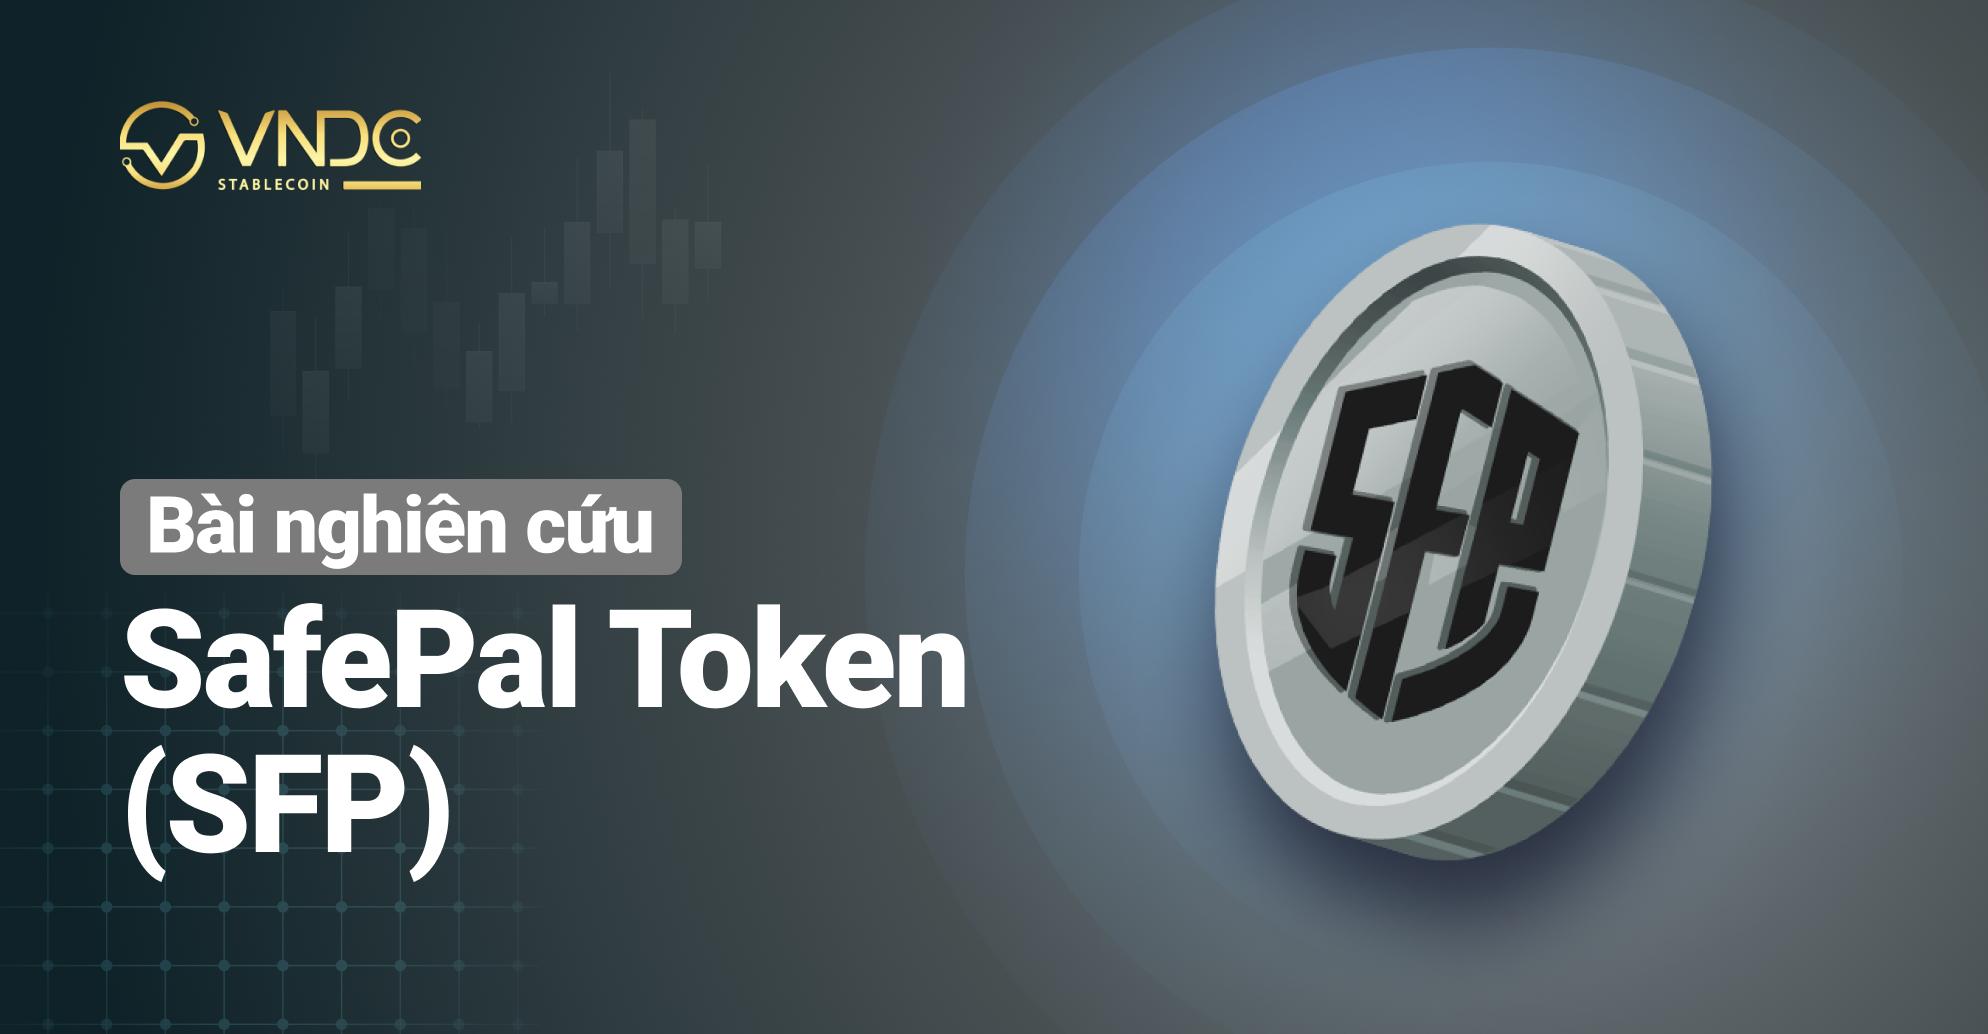 Bài nghiên cứu về SafePal Token (SFP)